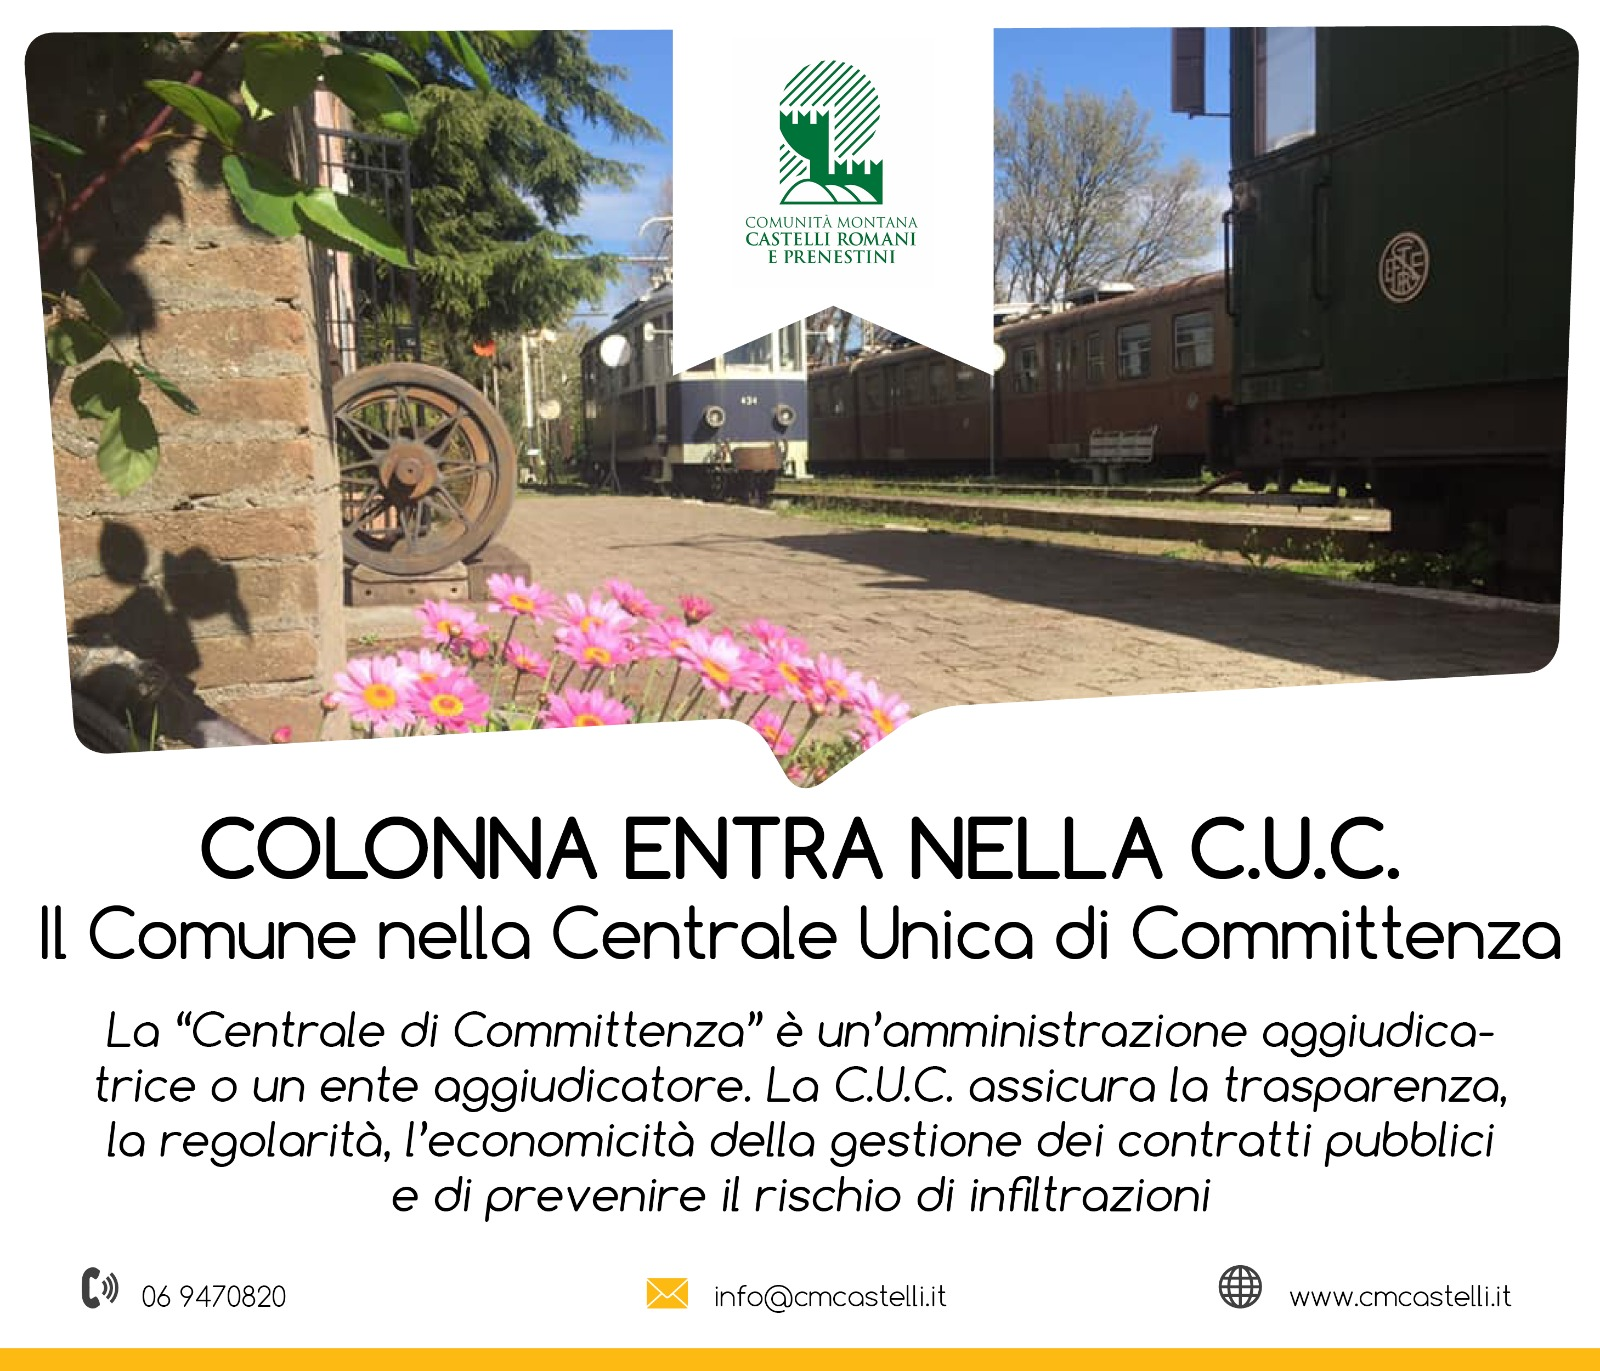 IL COMUNE DI COLONNA ADERISCE ALLA CENTRALE UNICA DI COMMITTENZA